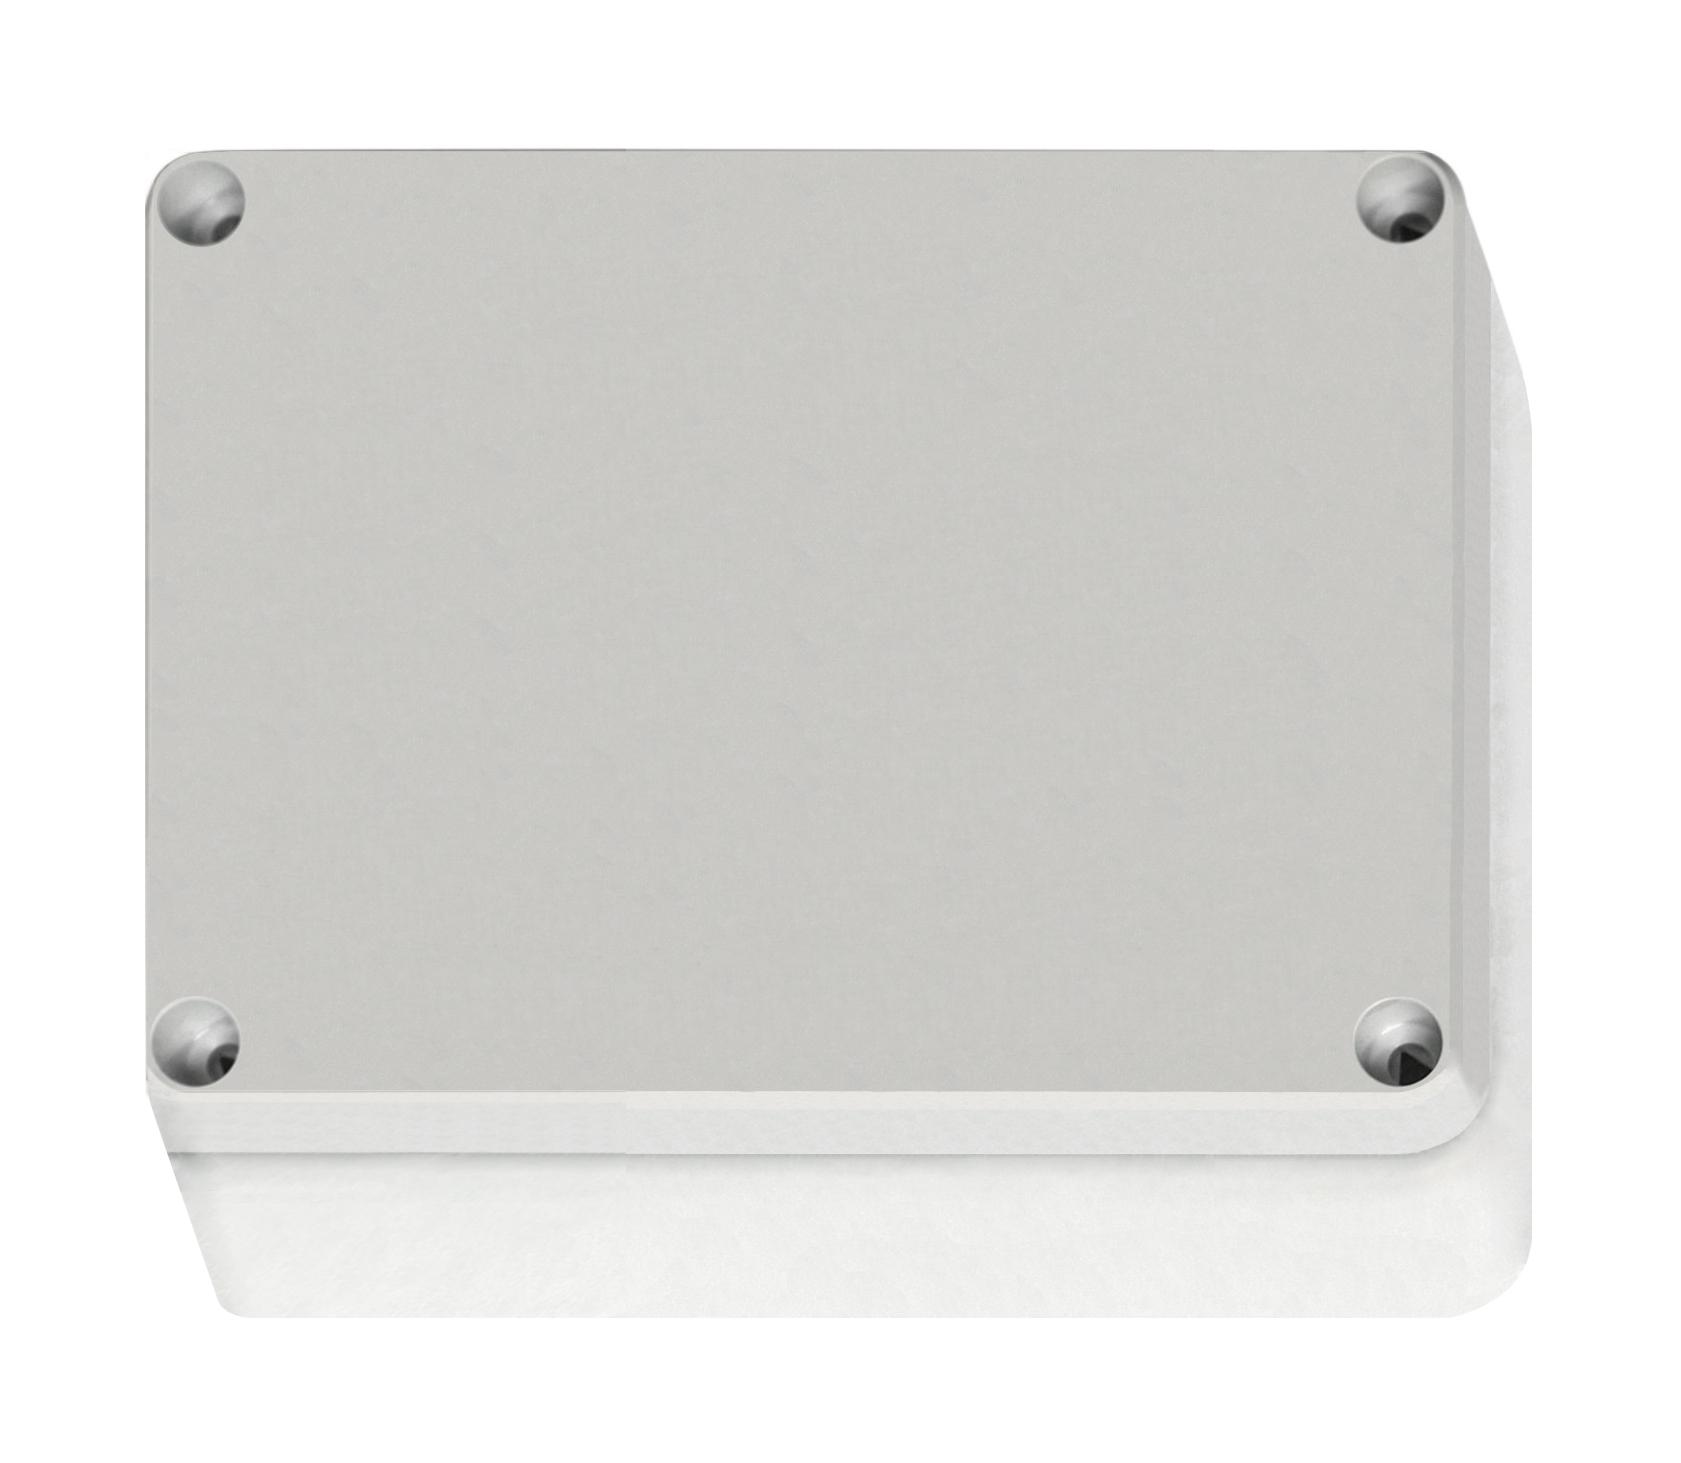 1 Stk ABS Gehäuse+Deckel grau, Scharn., 187x122x90mm, metr. Vorp. IG707024--